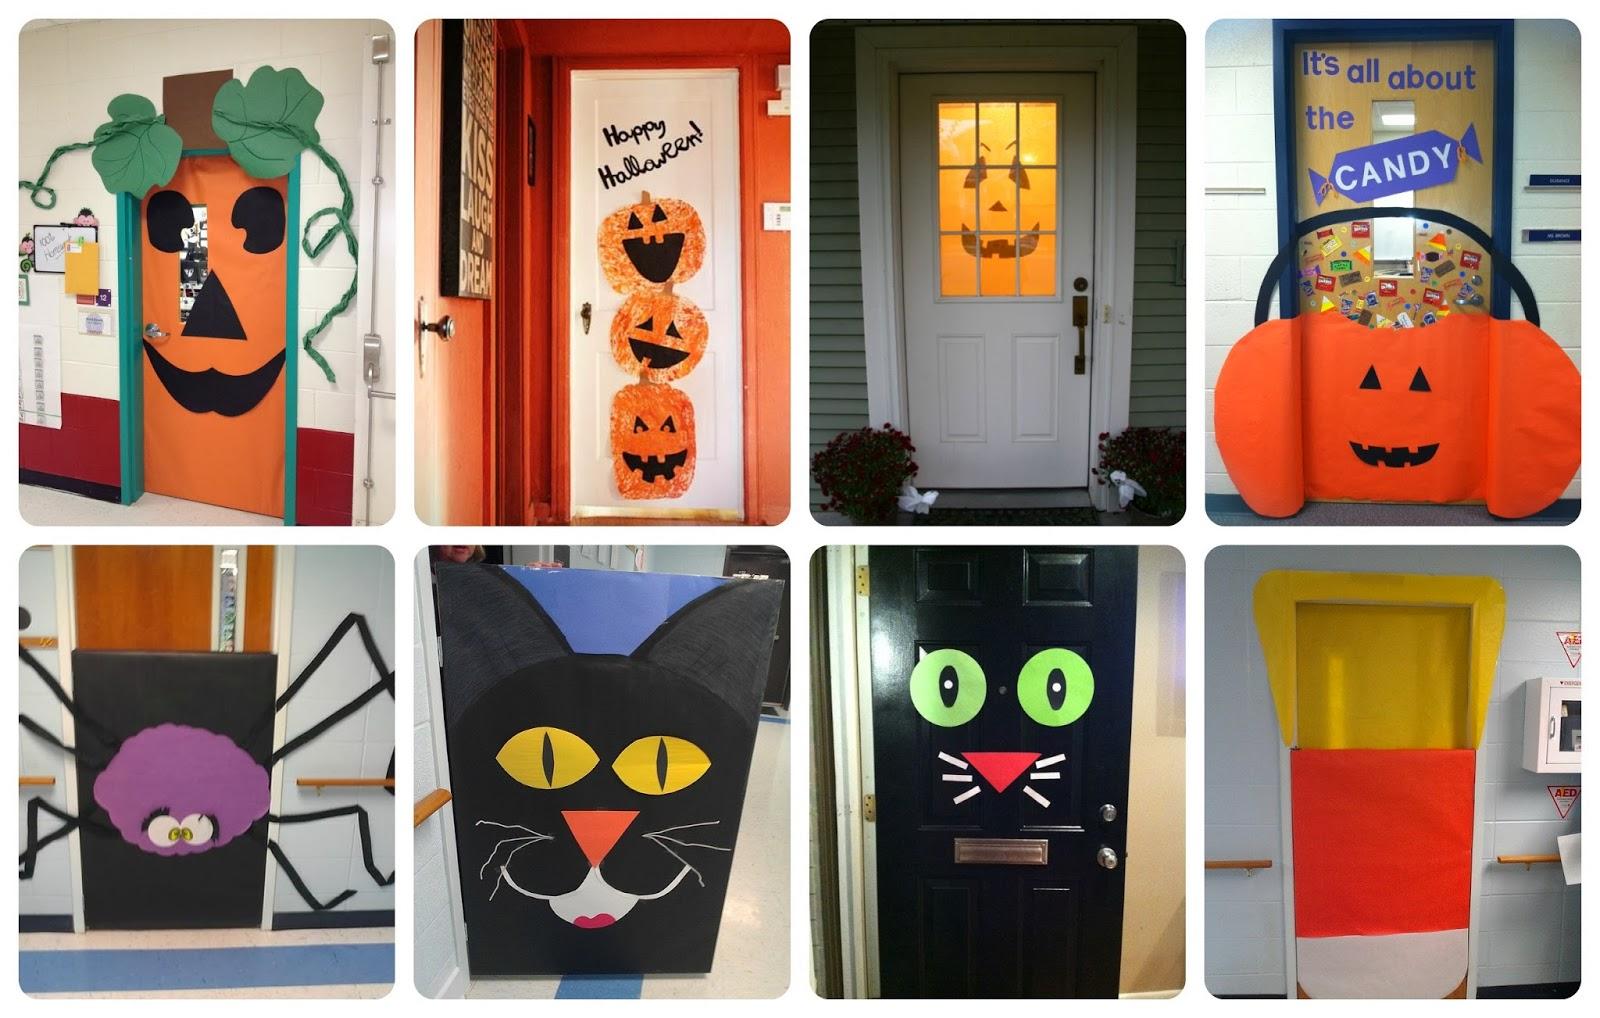 Halloween puertas 19 imagenes educativas - Decoracion de puertas para halloween ...